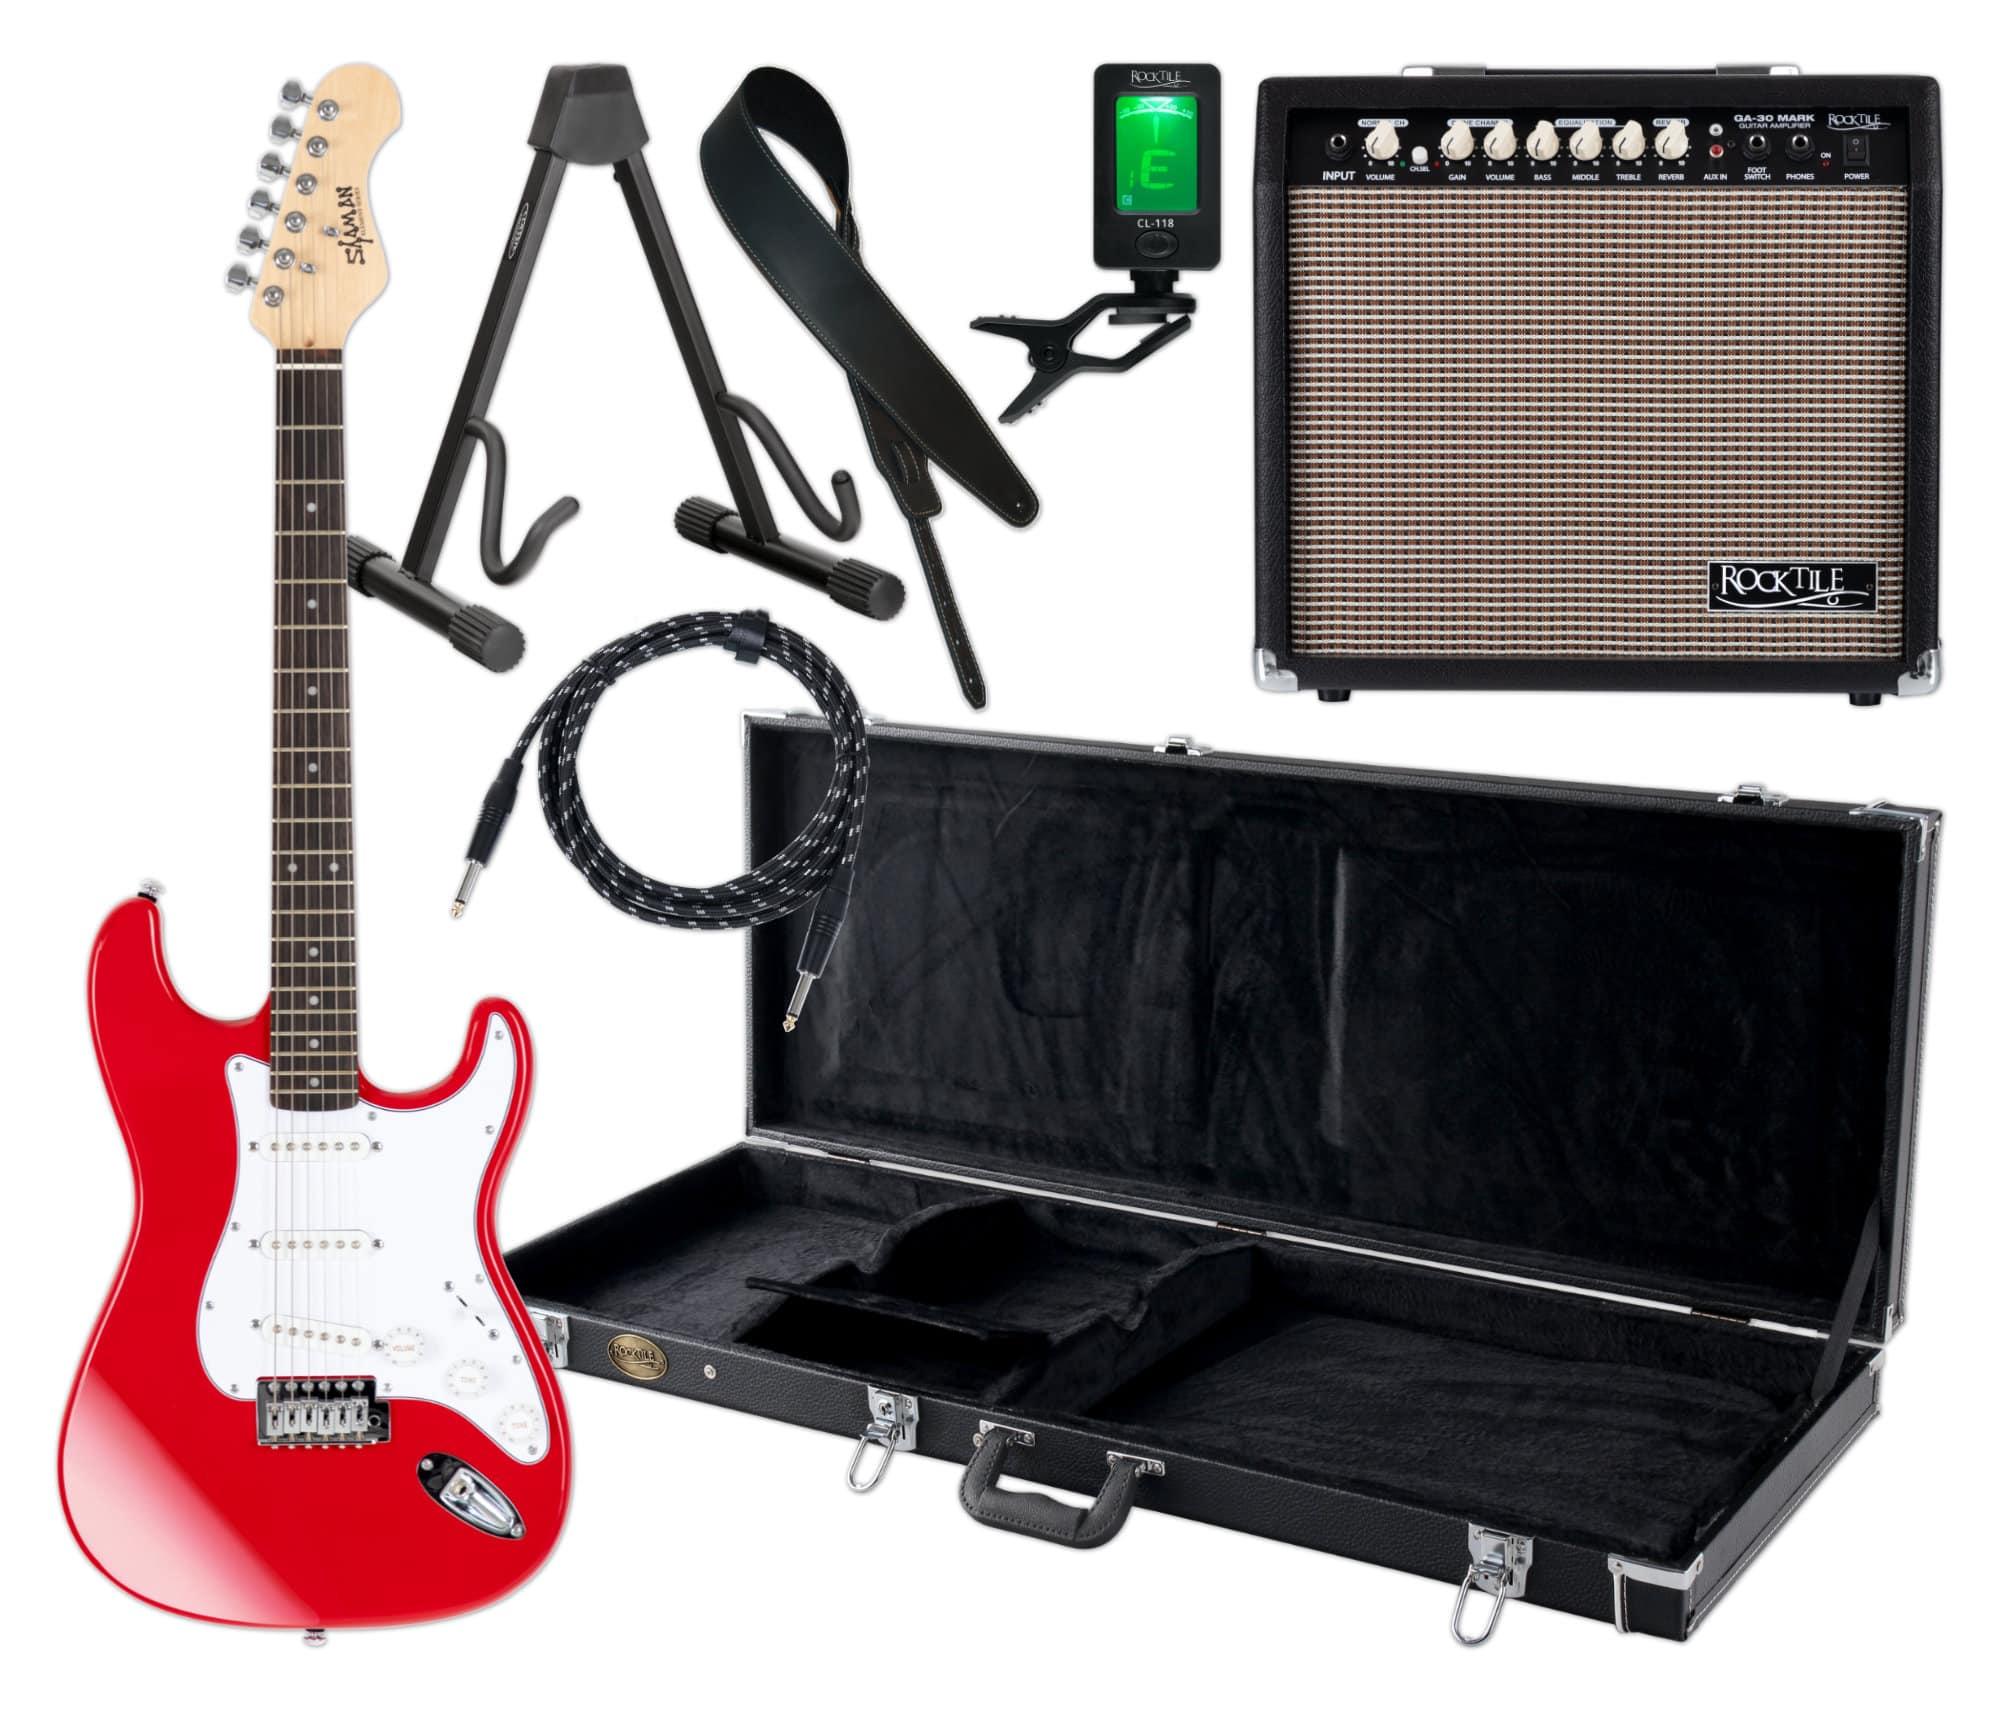 Egitarren - Shaman Element Series STX 100R Komplett Set - Onlineshop Musikhaus Kirstein